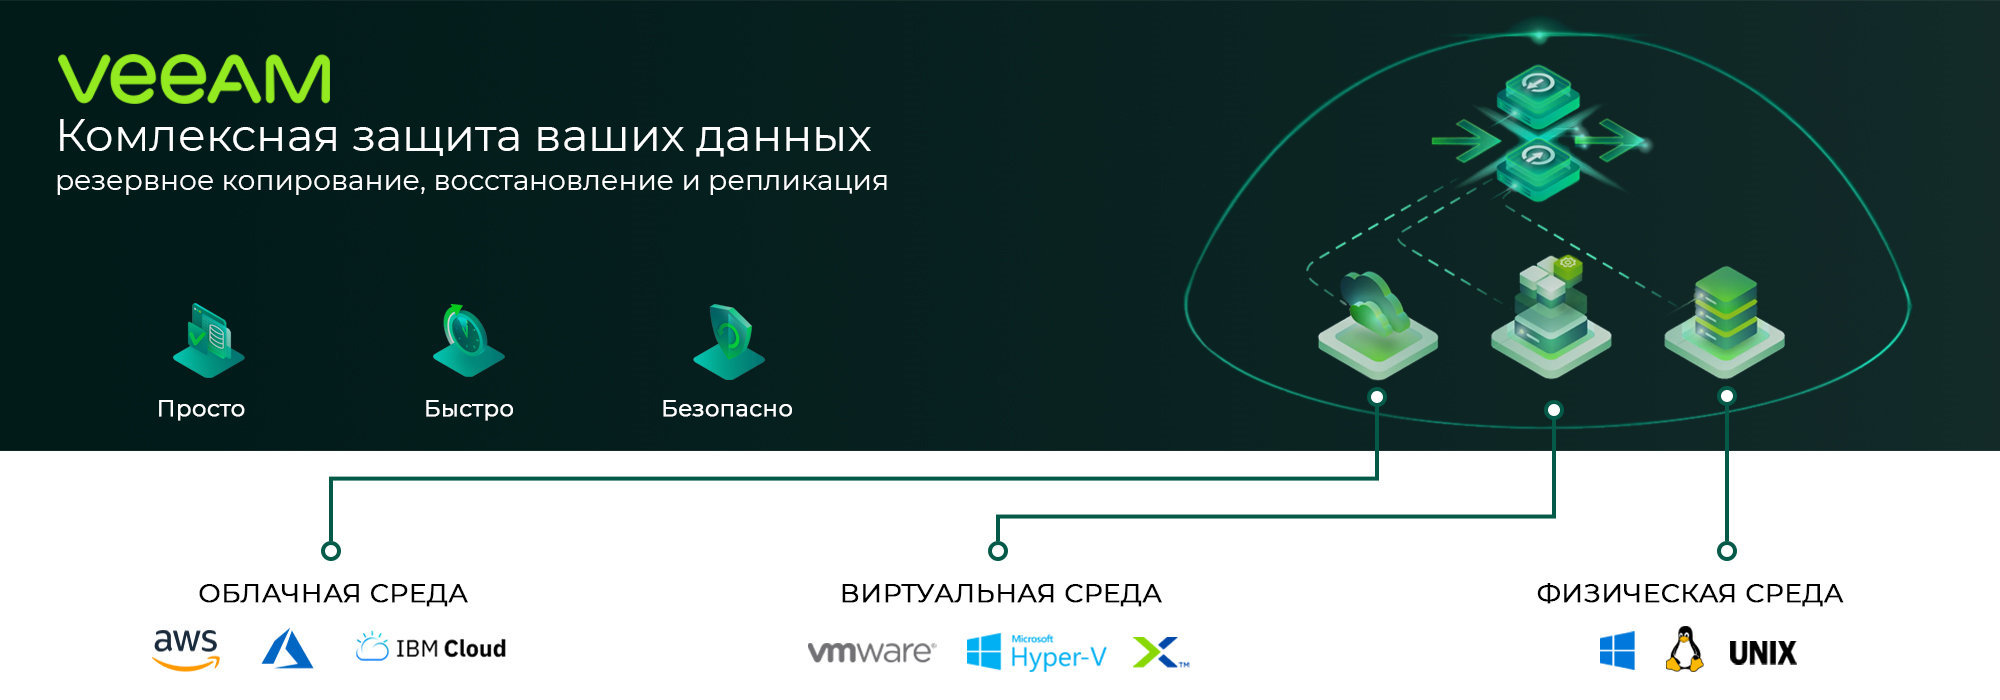 VEEAM-Комплексная-защита-данных